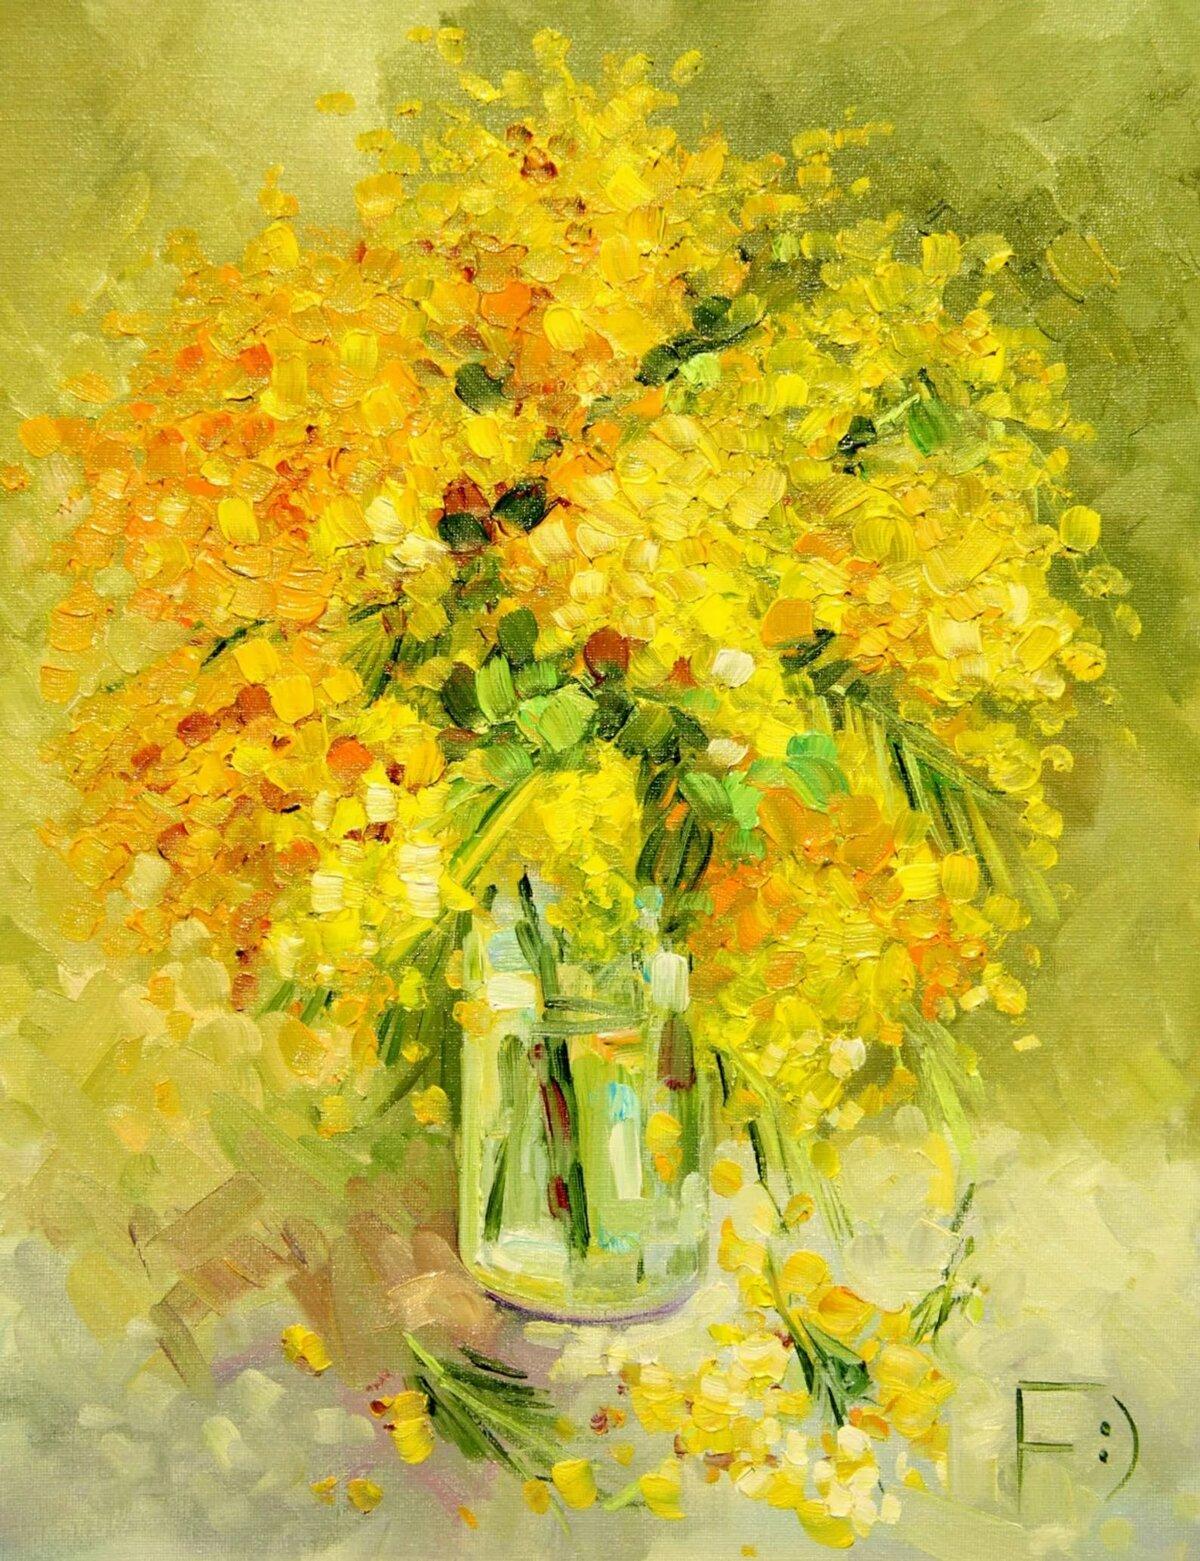 свадьбой поздравляю, желтые картинки художников создании